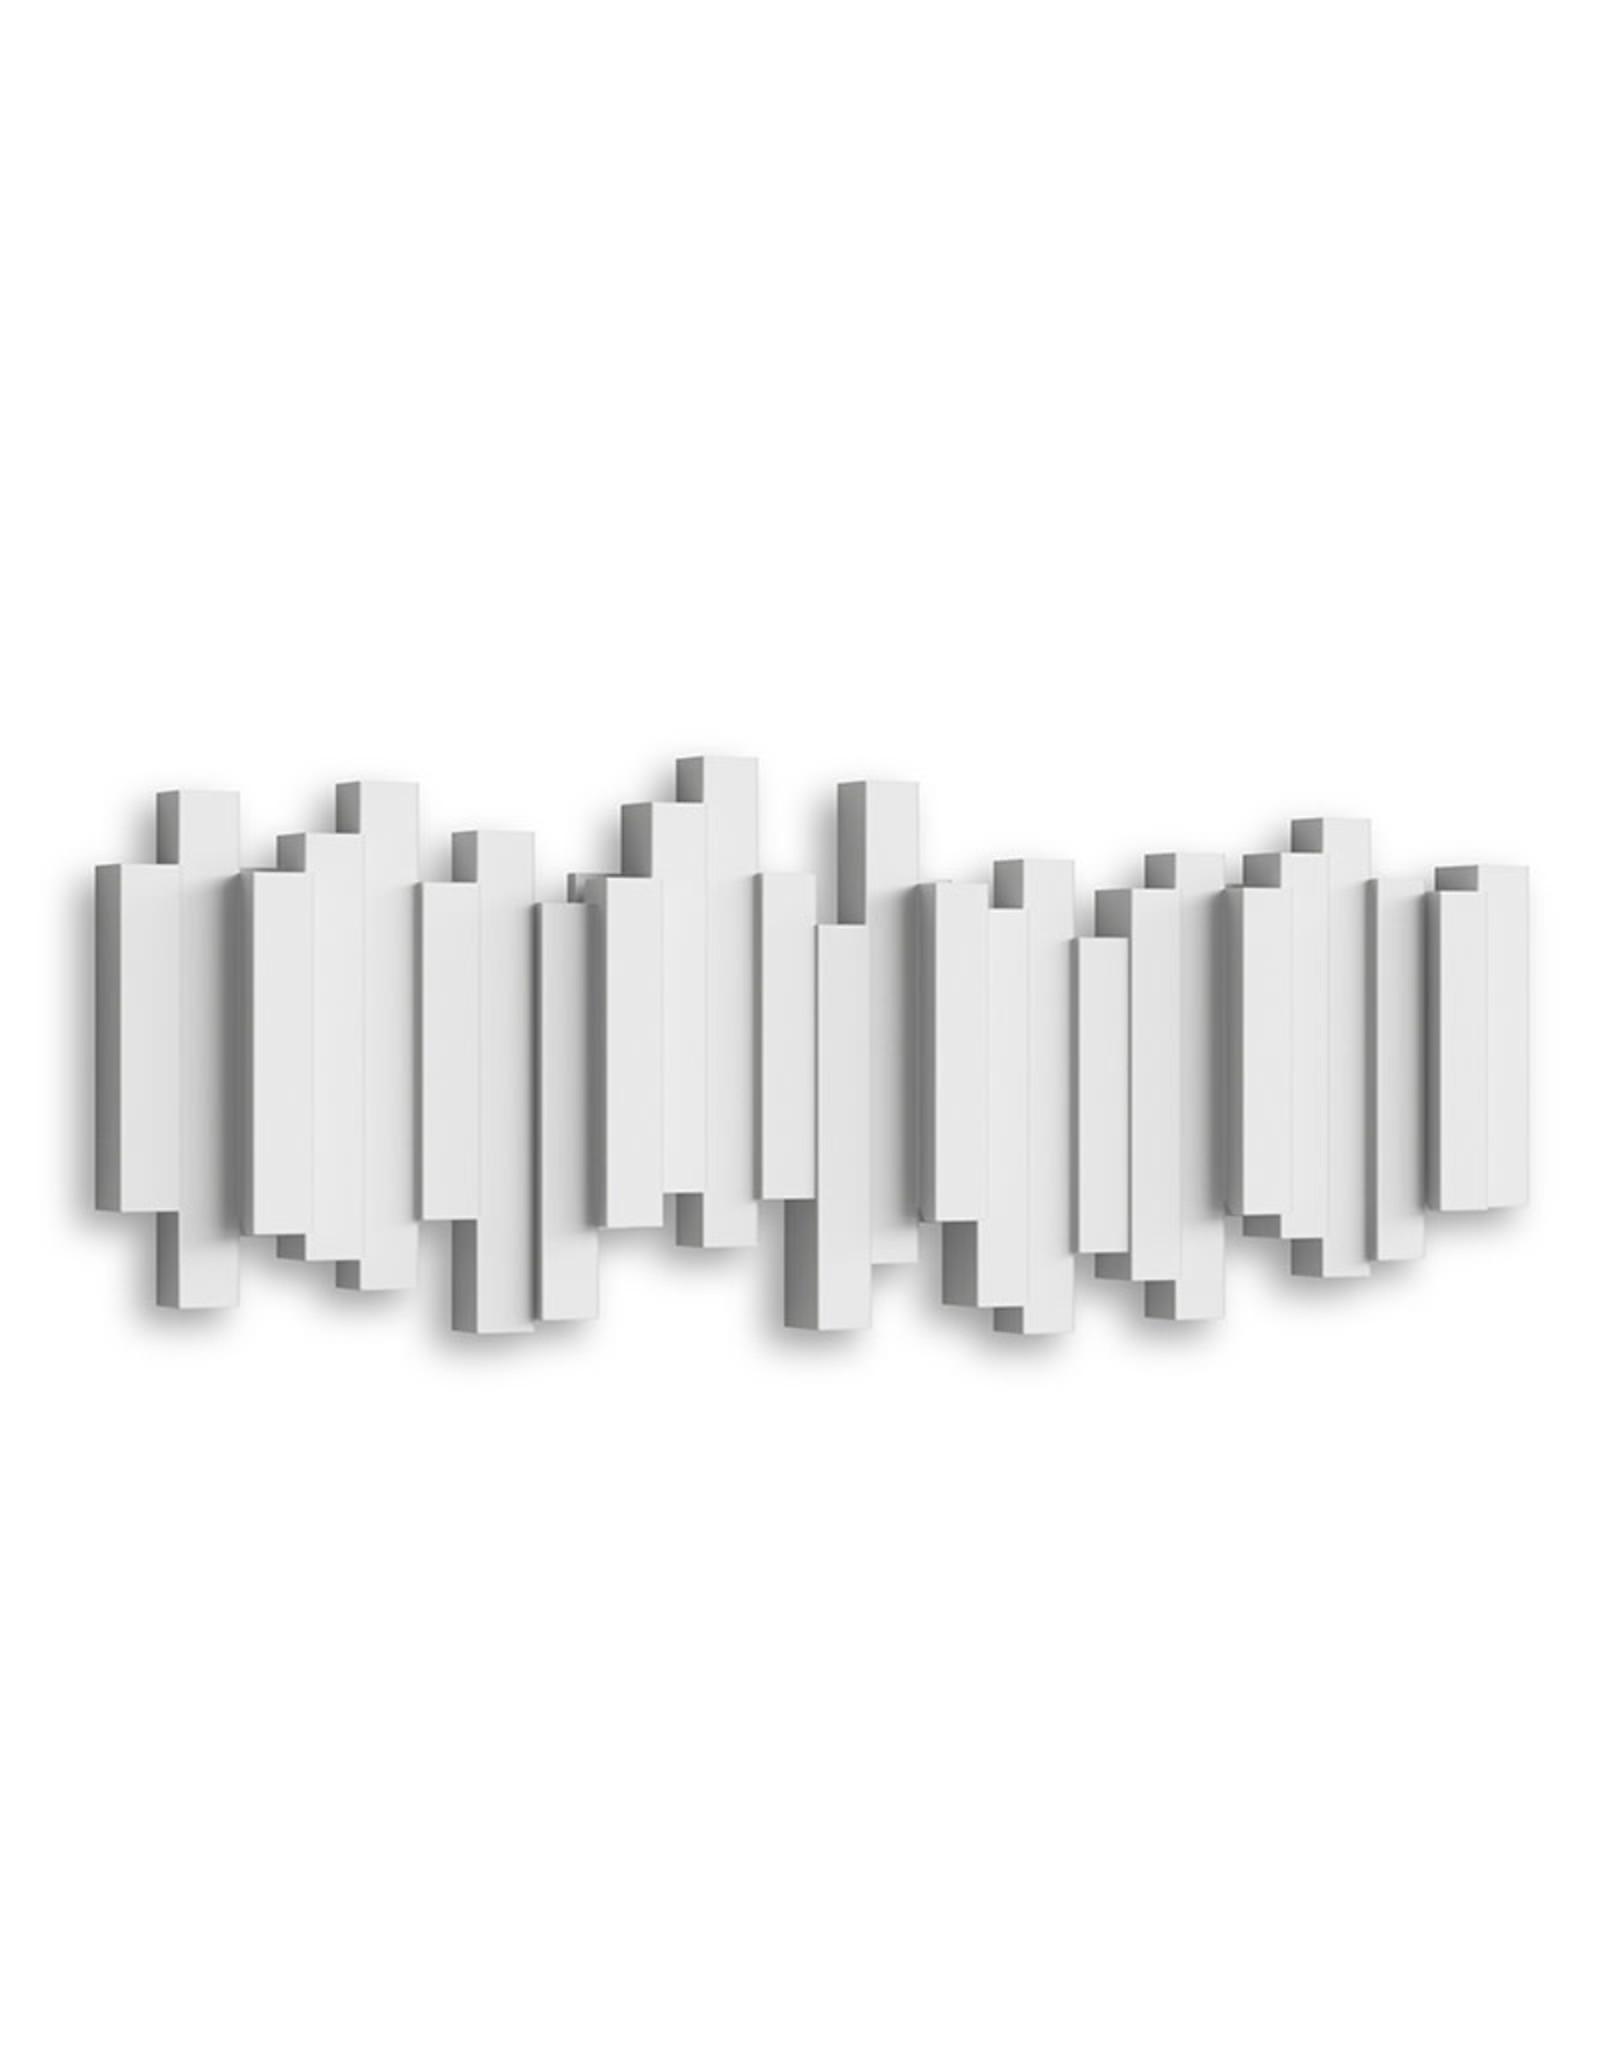 UMBRA UMBRA STICKS Multi Hook White